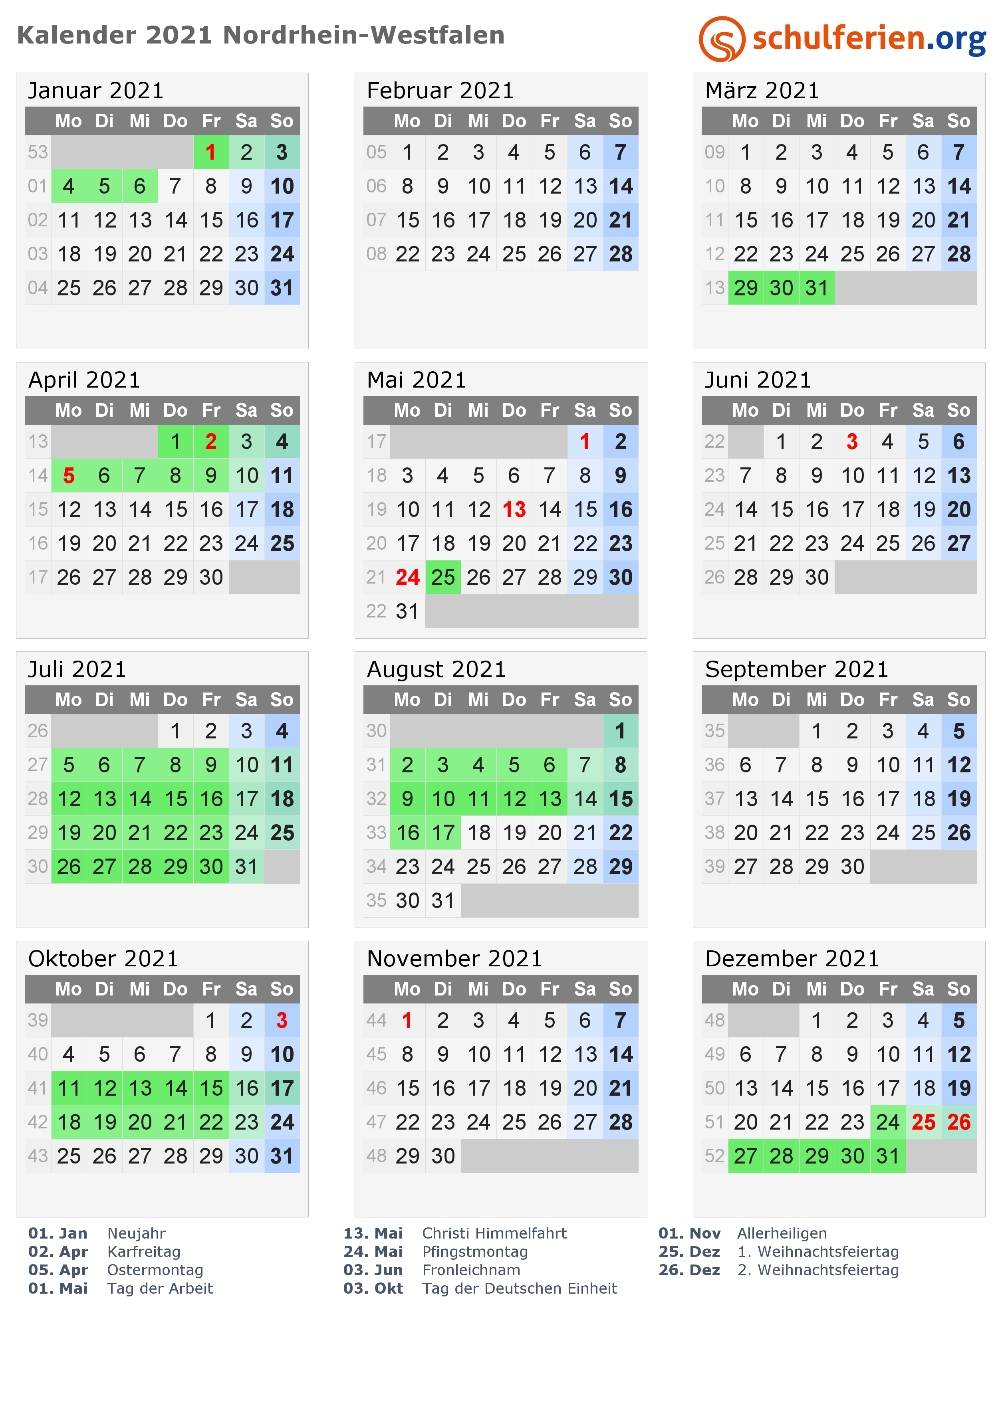 Kalender 2021 + Ferien Nordrhein-Westfalen, Feiertage In